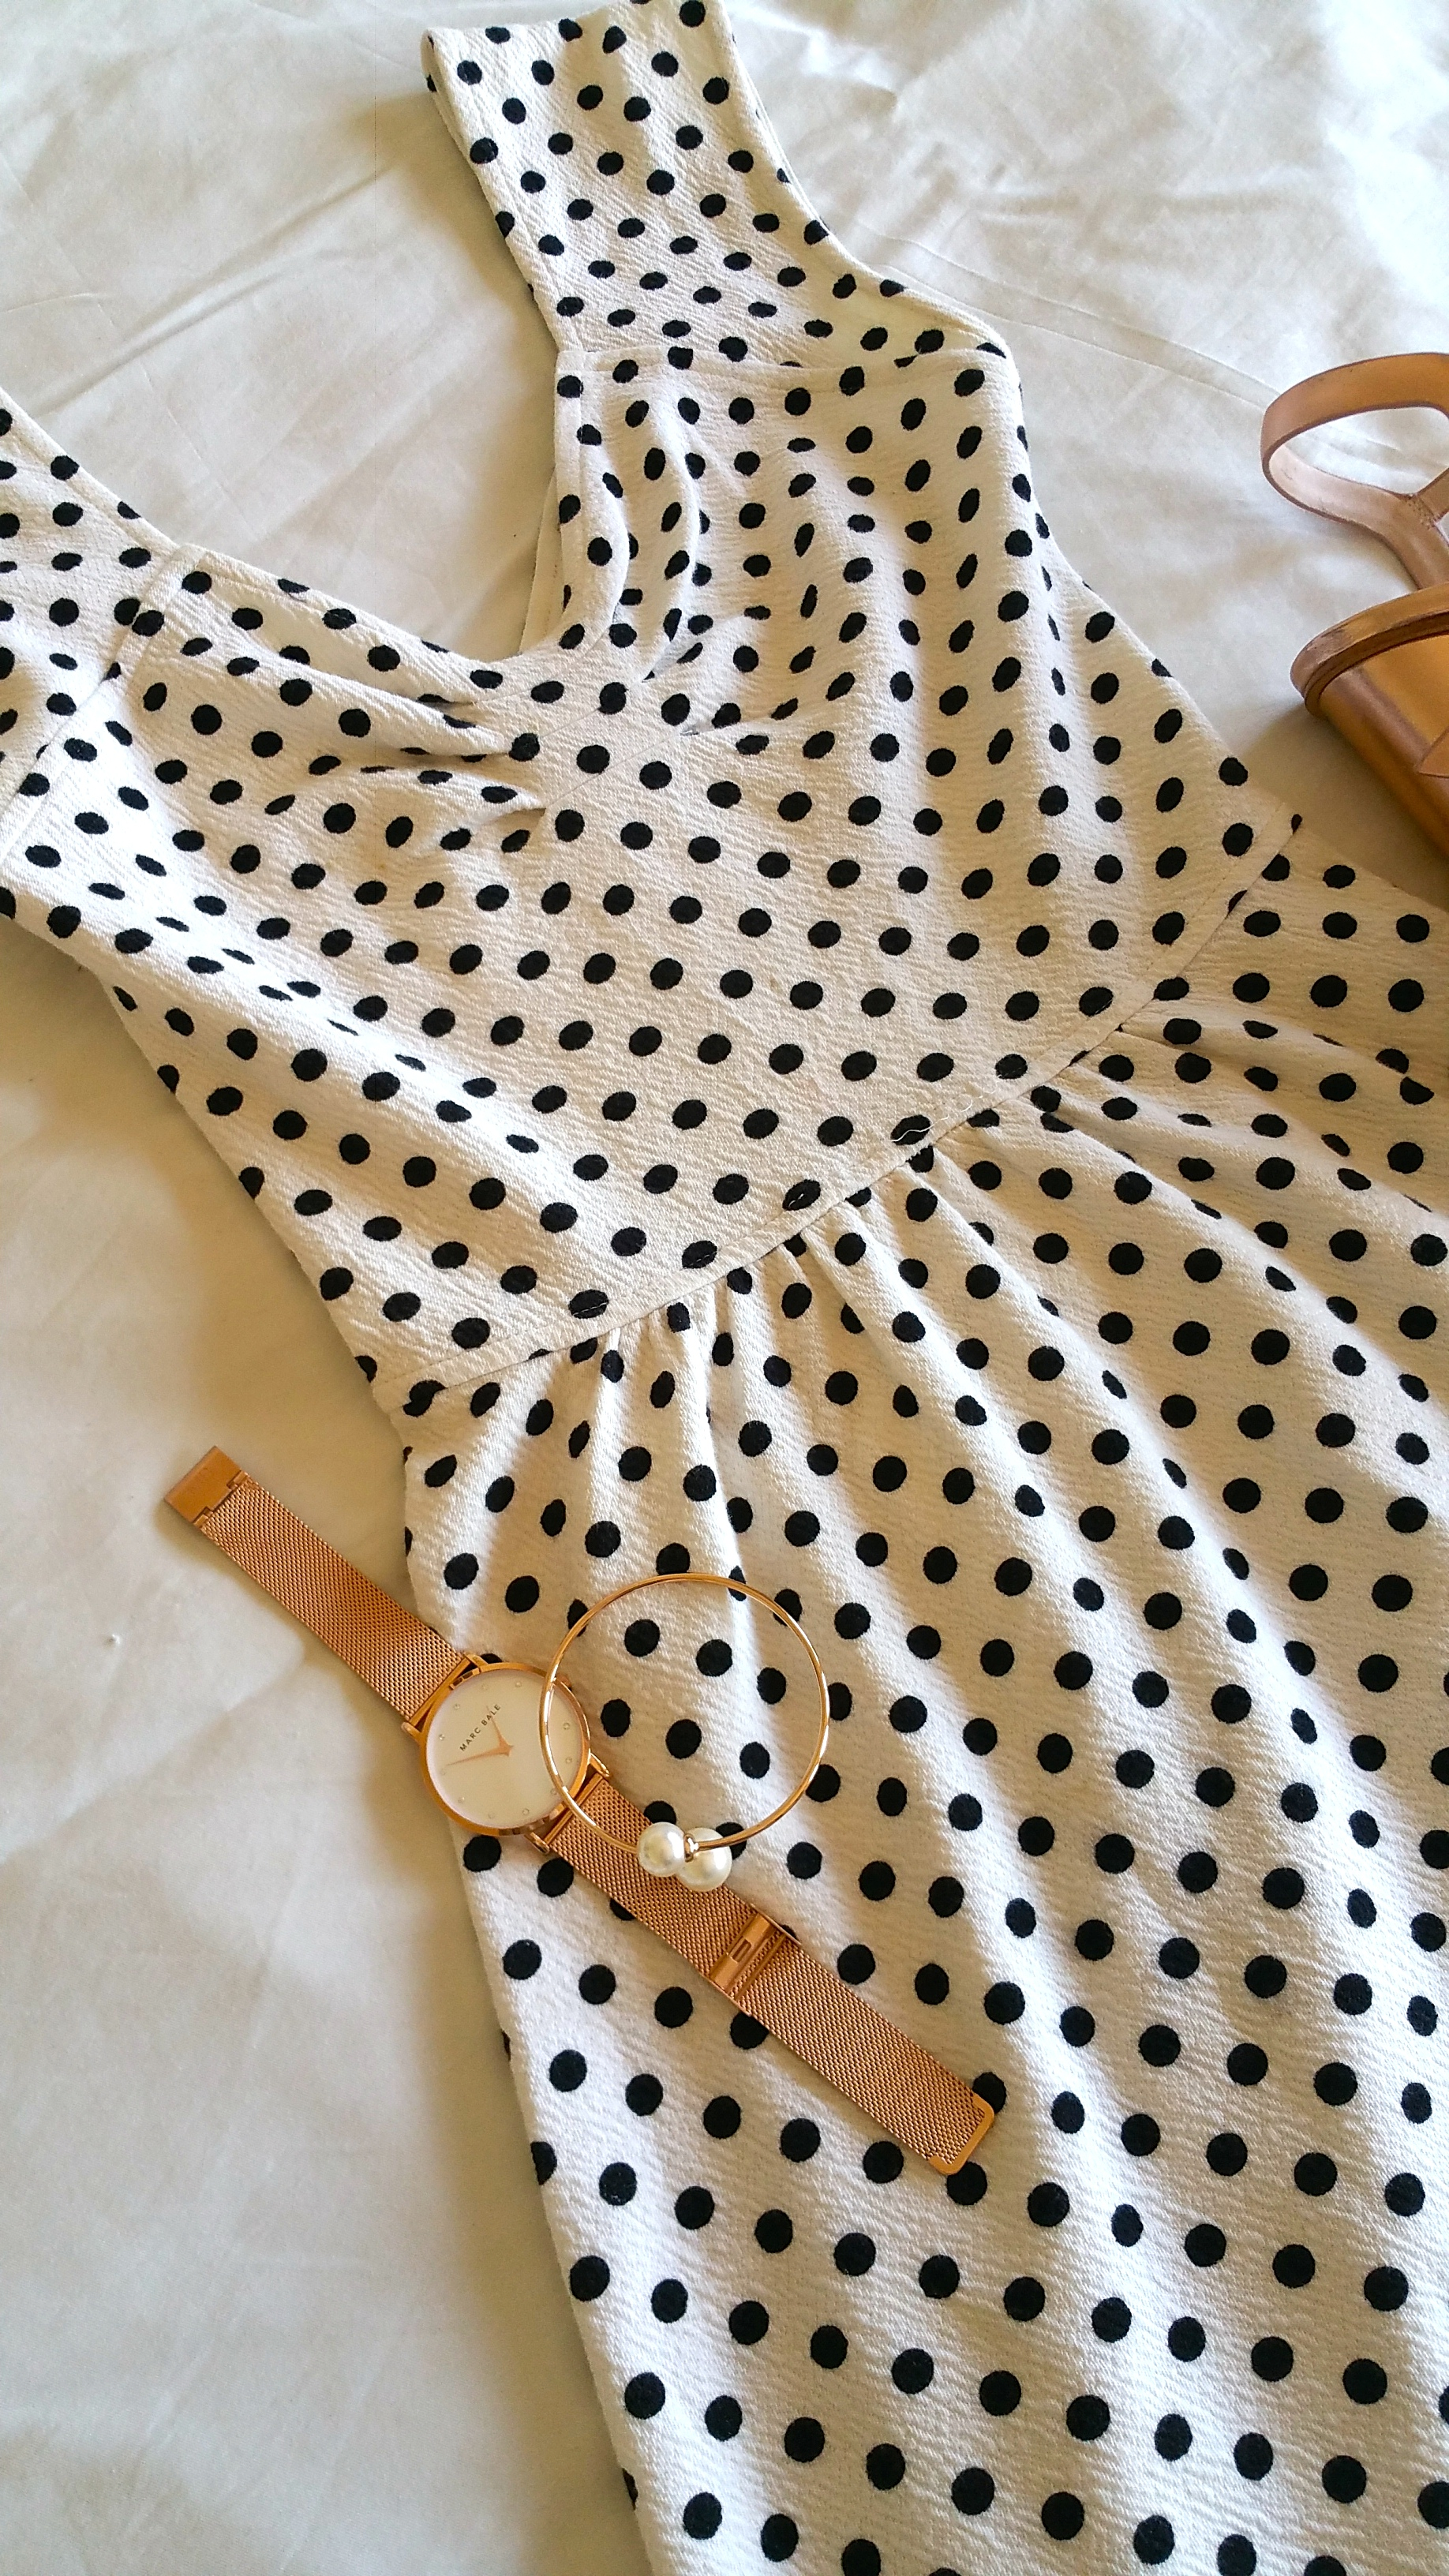 polka-dot-dress-marc-bale-watch